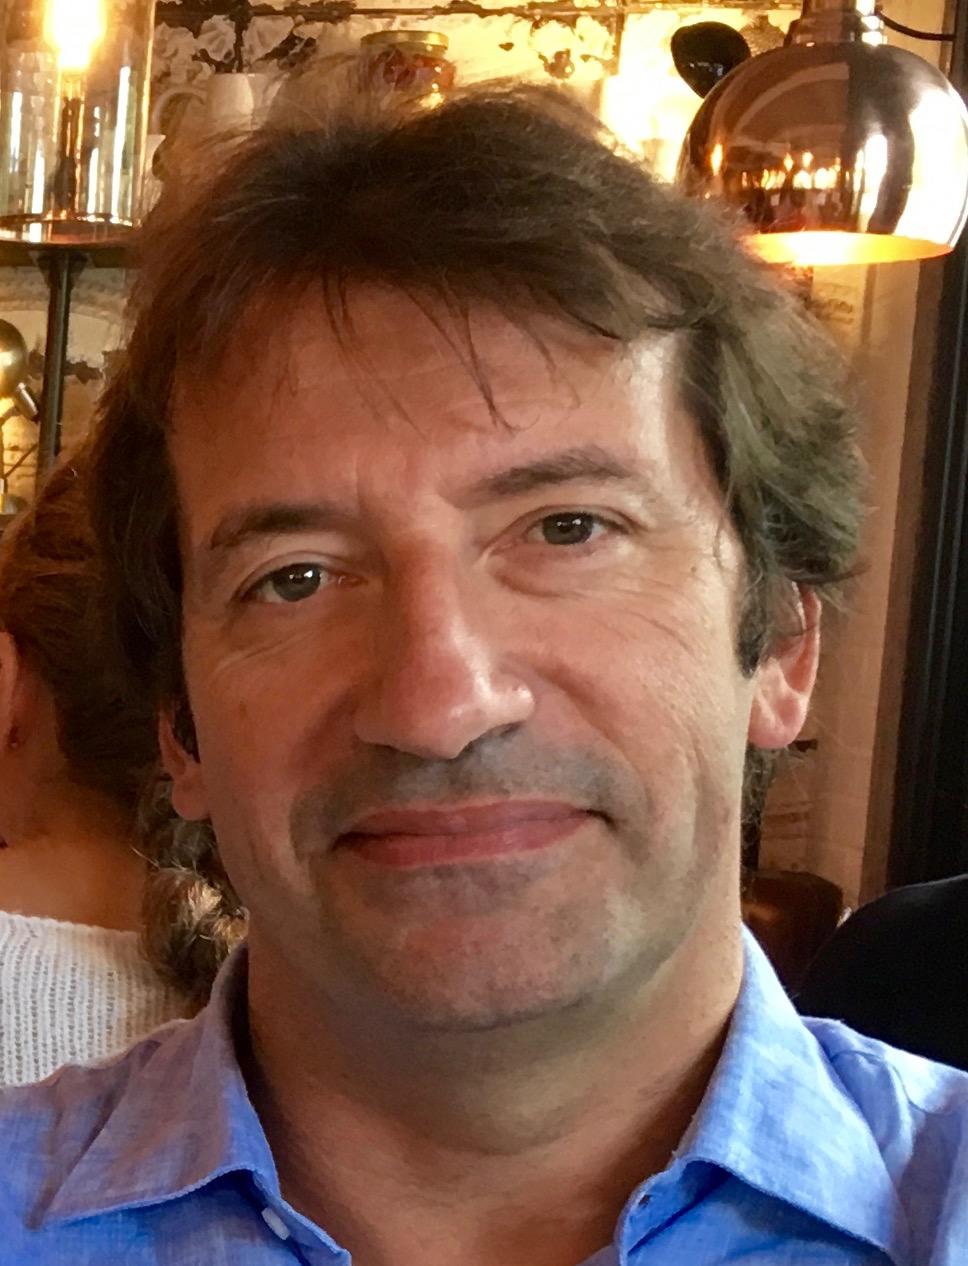 Nicolas Cabouat